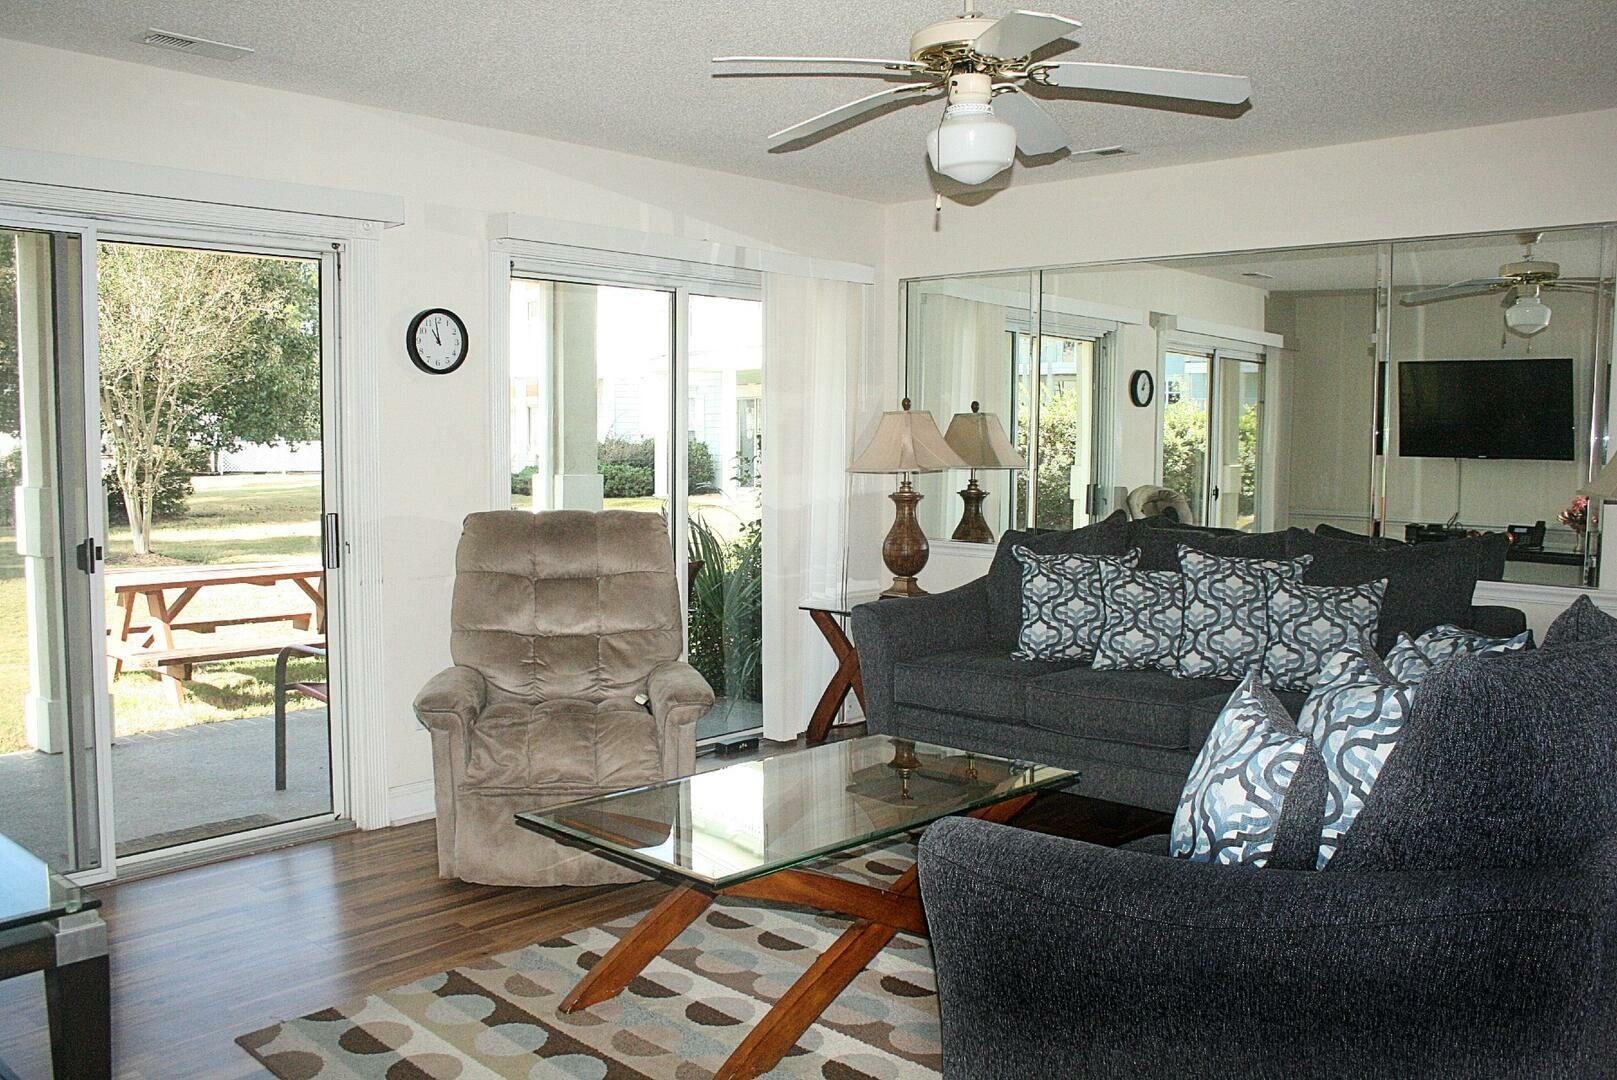 1202 2 Bedroom/2 Bath Villa